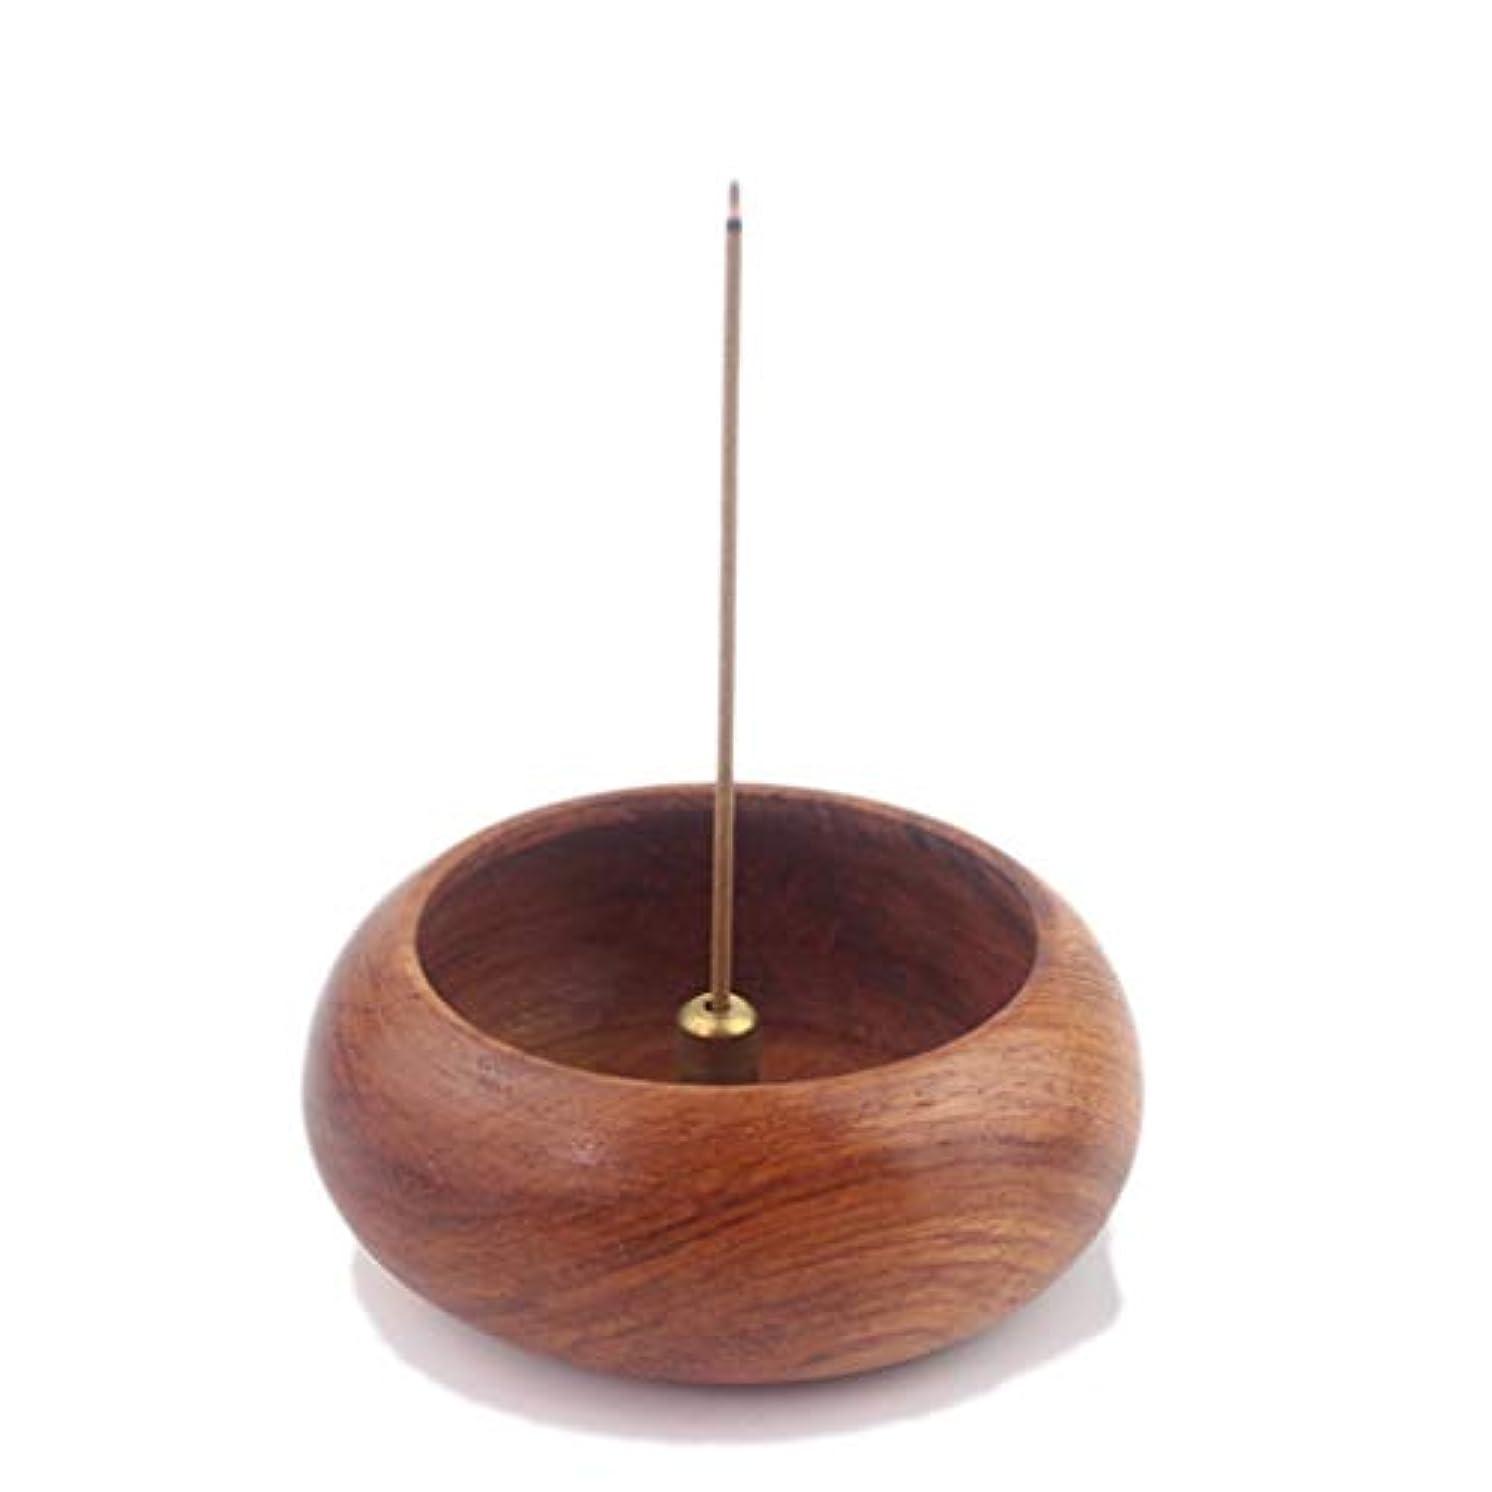 取り扱い厳密に重大ローズウッドボウル型の香炉ホルダーホーム&キッチン炉香ホルダー装飾香スティックコーンバーナーホルダー (Color : Wood, サイズ : 2.44*0.94inches)